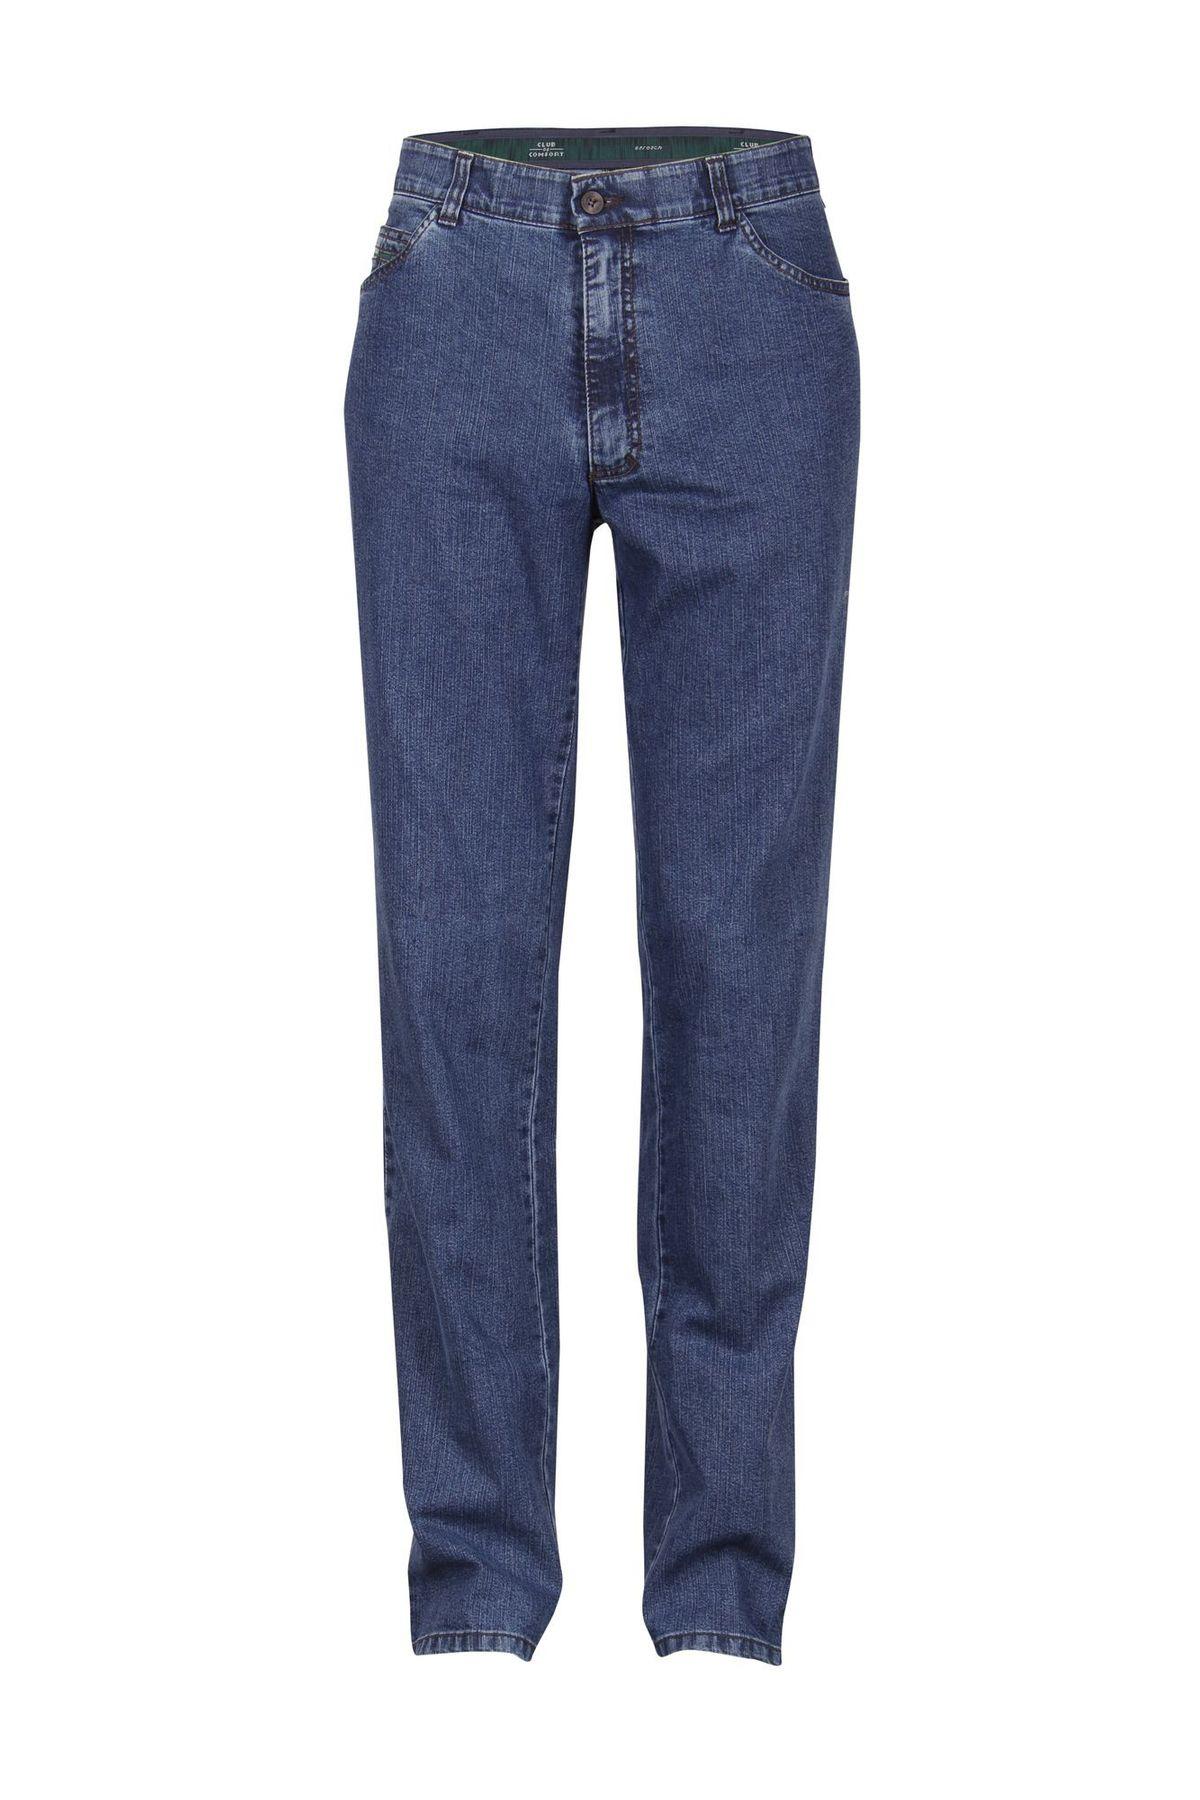 Club of Comfort - Herren Jeans Hose in verschiedenen Farbvarianten, Liam (4631) – Bild 17